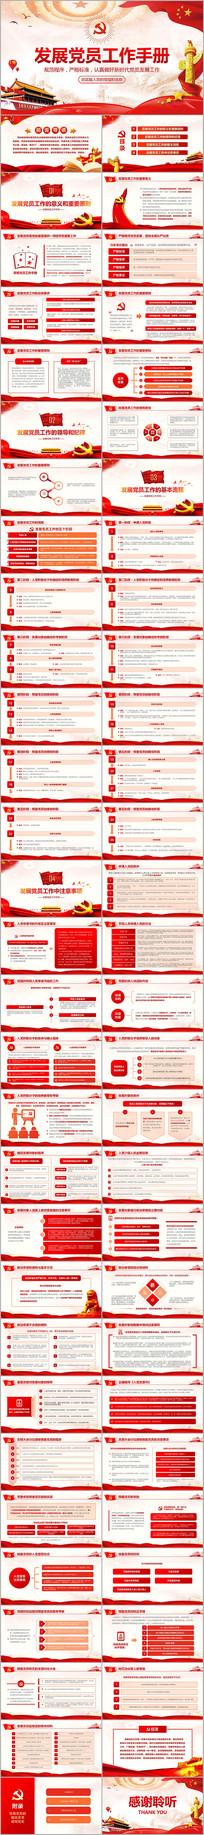 党员发展工作手册入党流程程序PPT